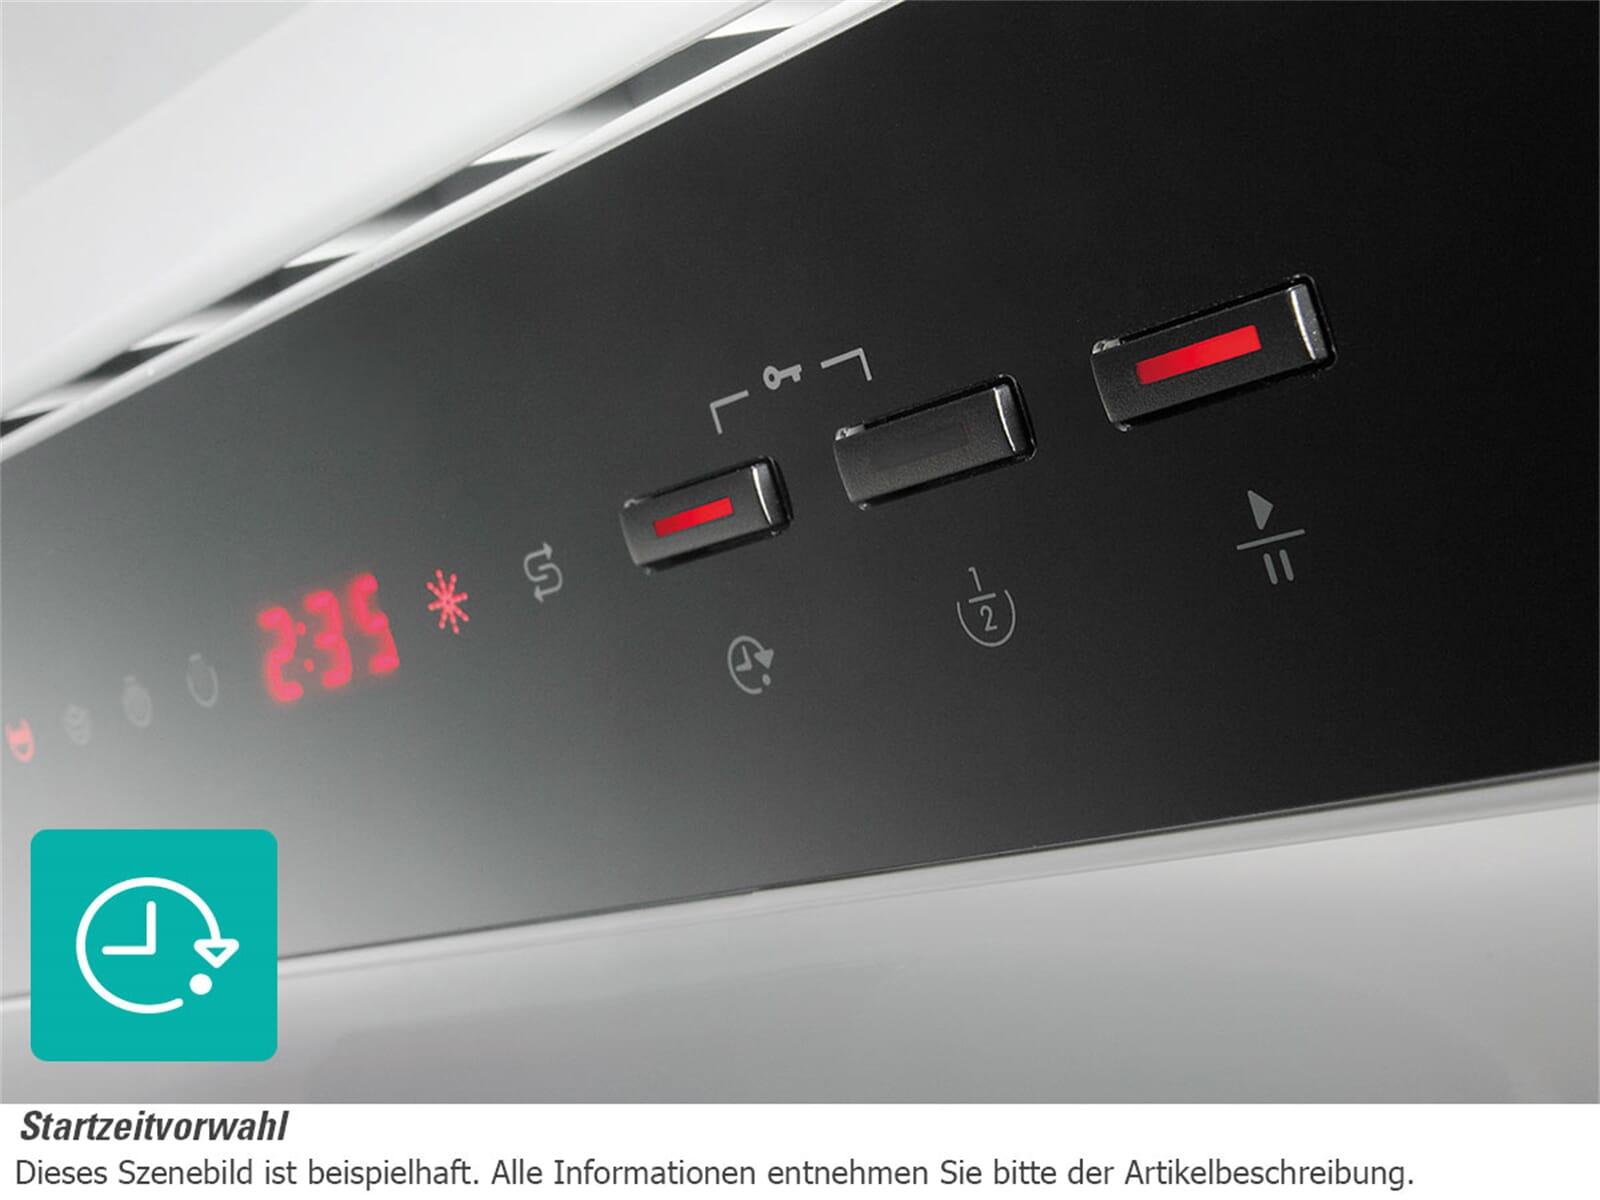 Gorenje Kühlschrank Seriennummer : Amica kühlschrank seriennummer gorenje kühlschrank seriennummer